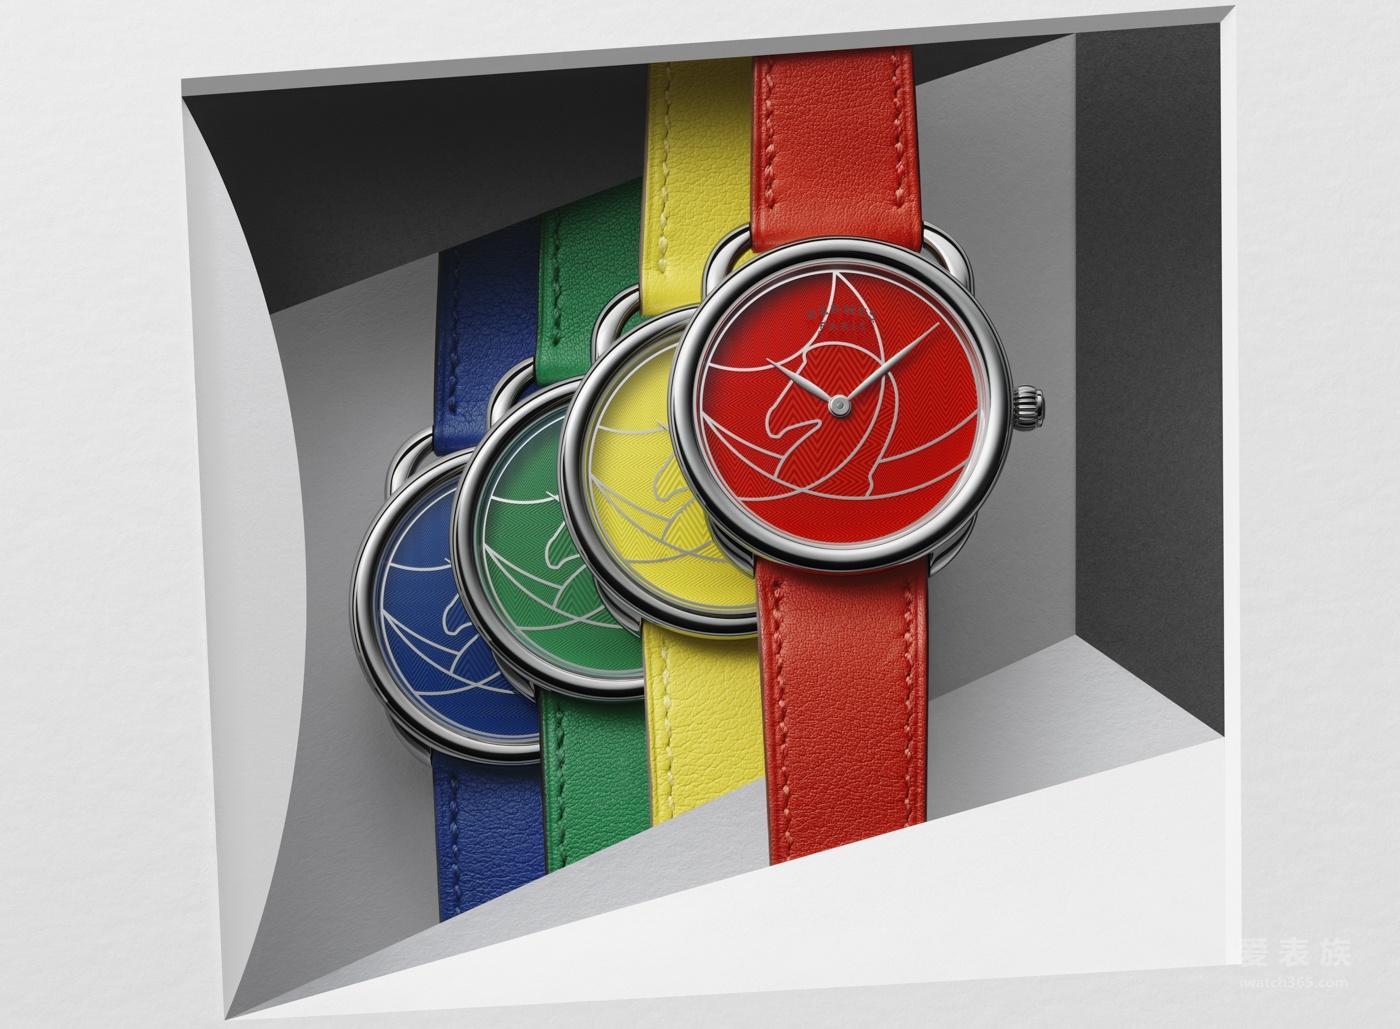 【SIHH2018】爱马仕继续传奇故事推出色彩鲜艳的Arceau Casaque腕表